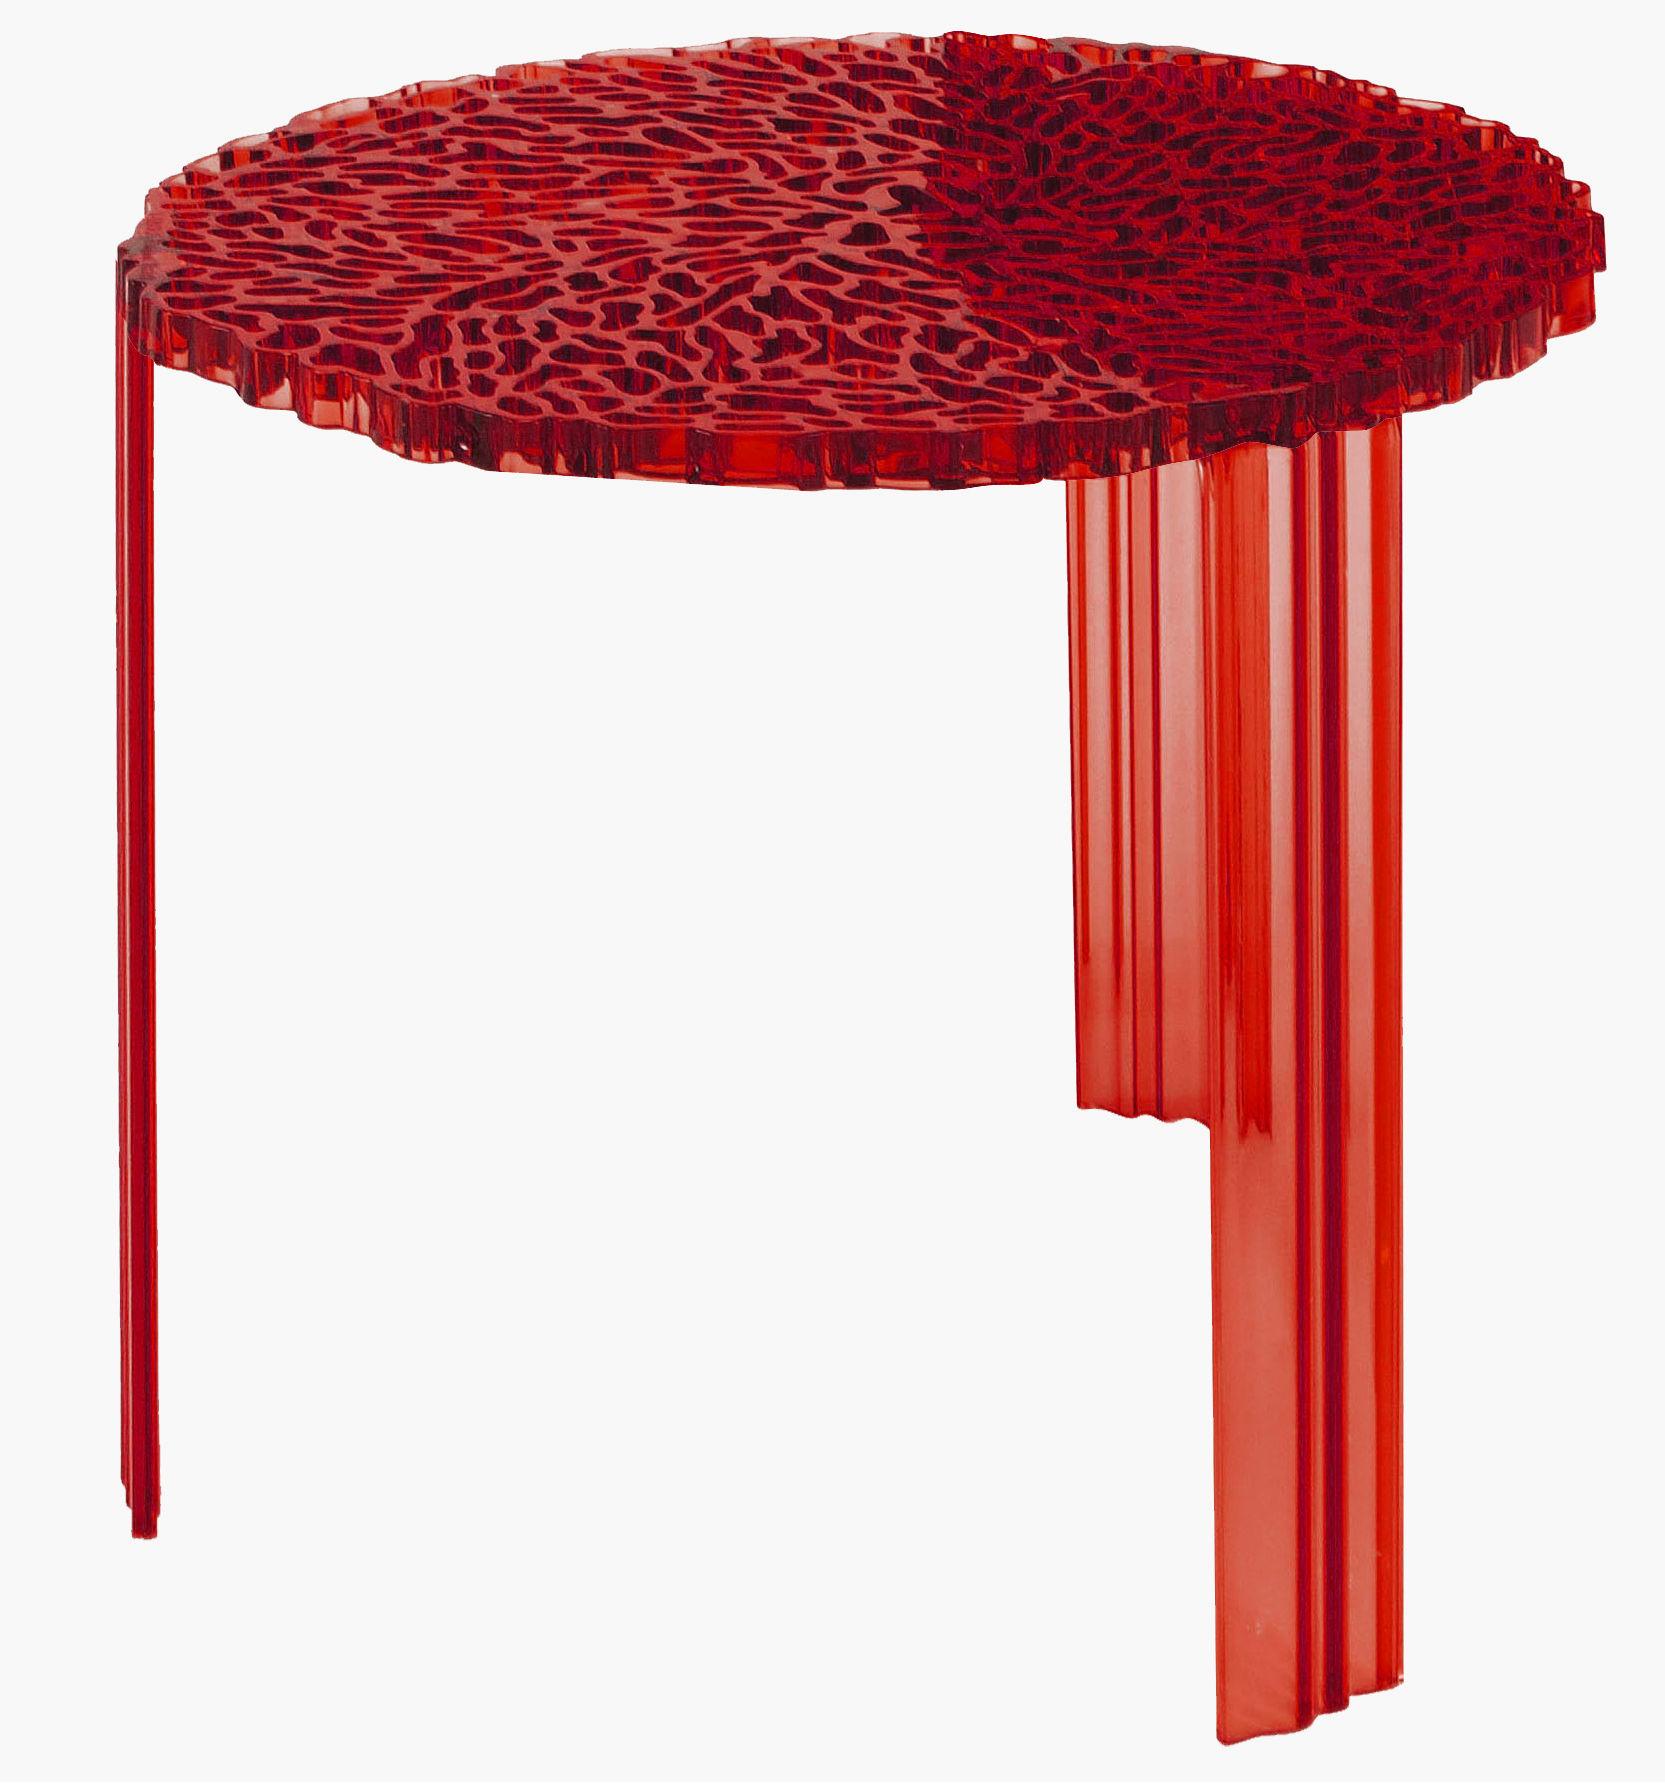 Möbel - Couchtische - T-Table Alto Couchtisch - Kartell - Rot transparent - PMMA